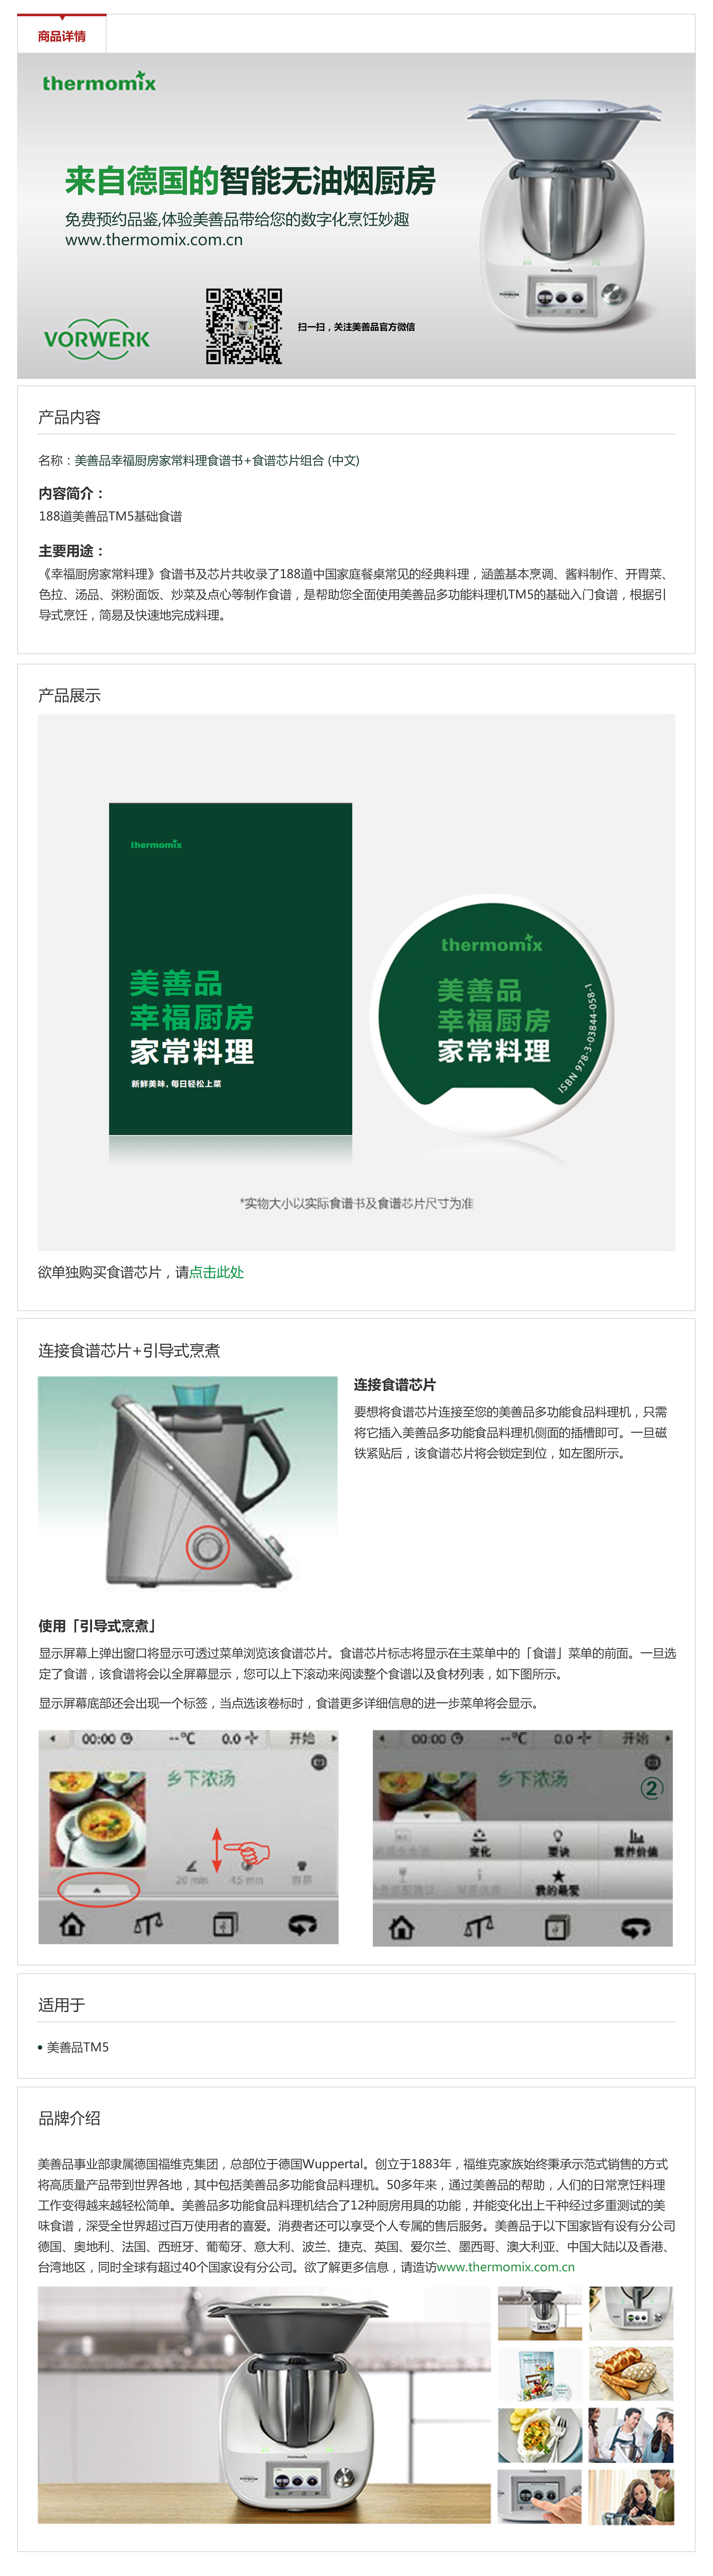 美善品幸福厨房家常料理食谱书 食谱芯片组合 (中文)